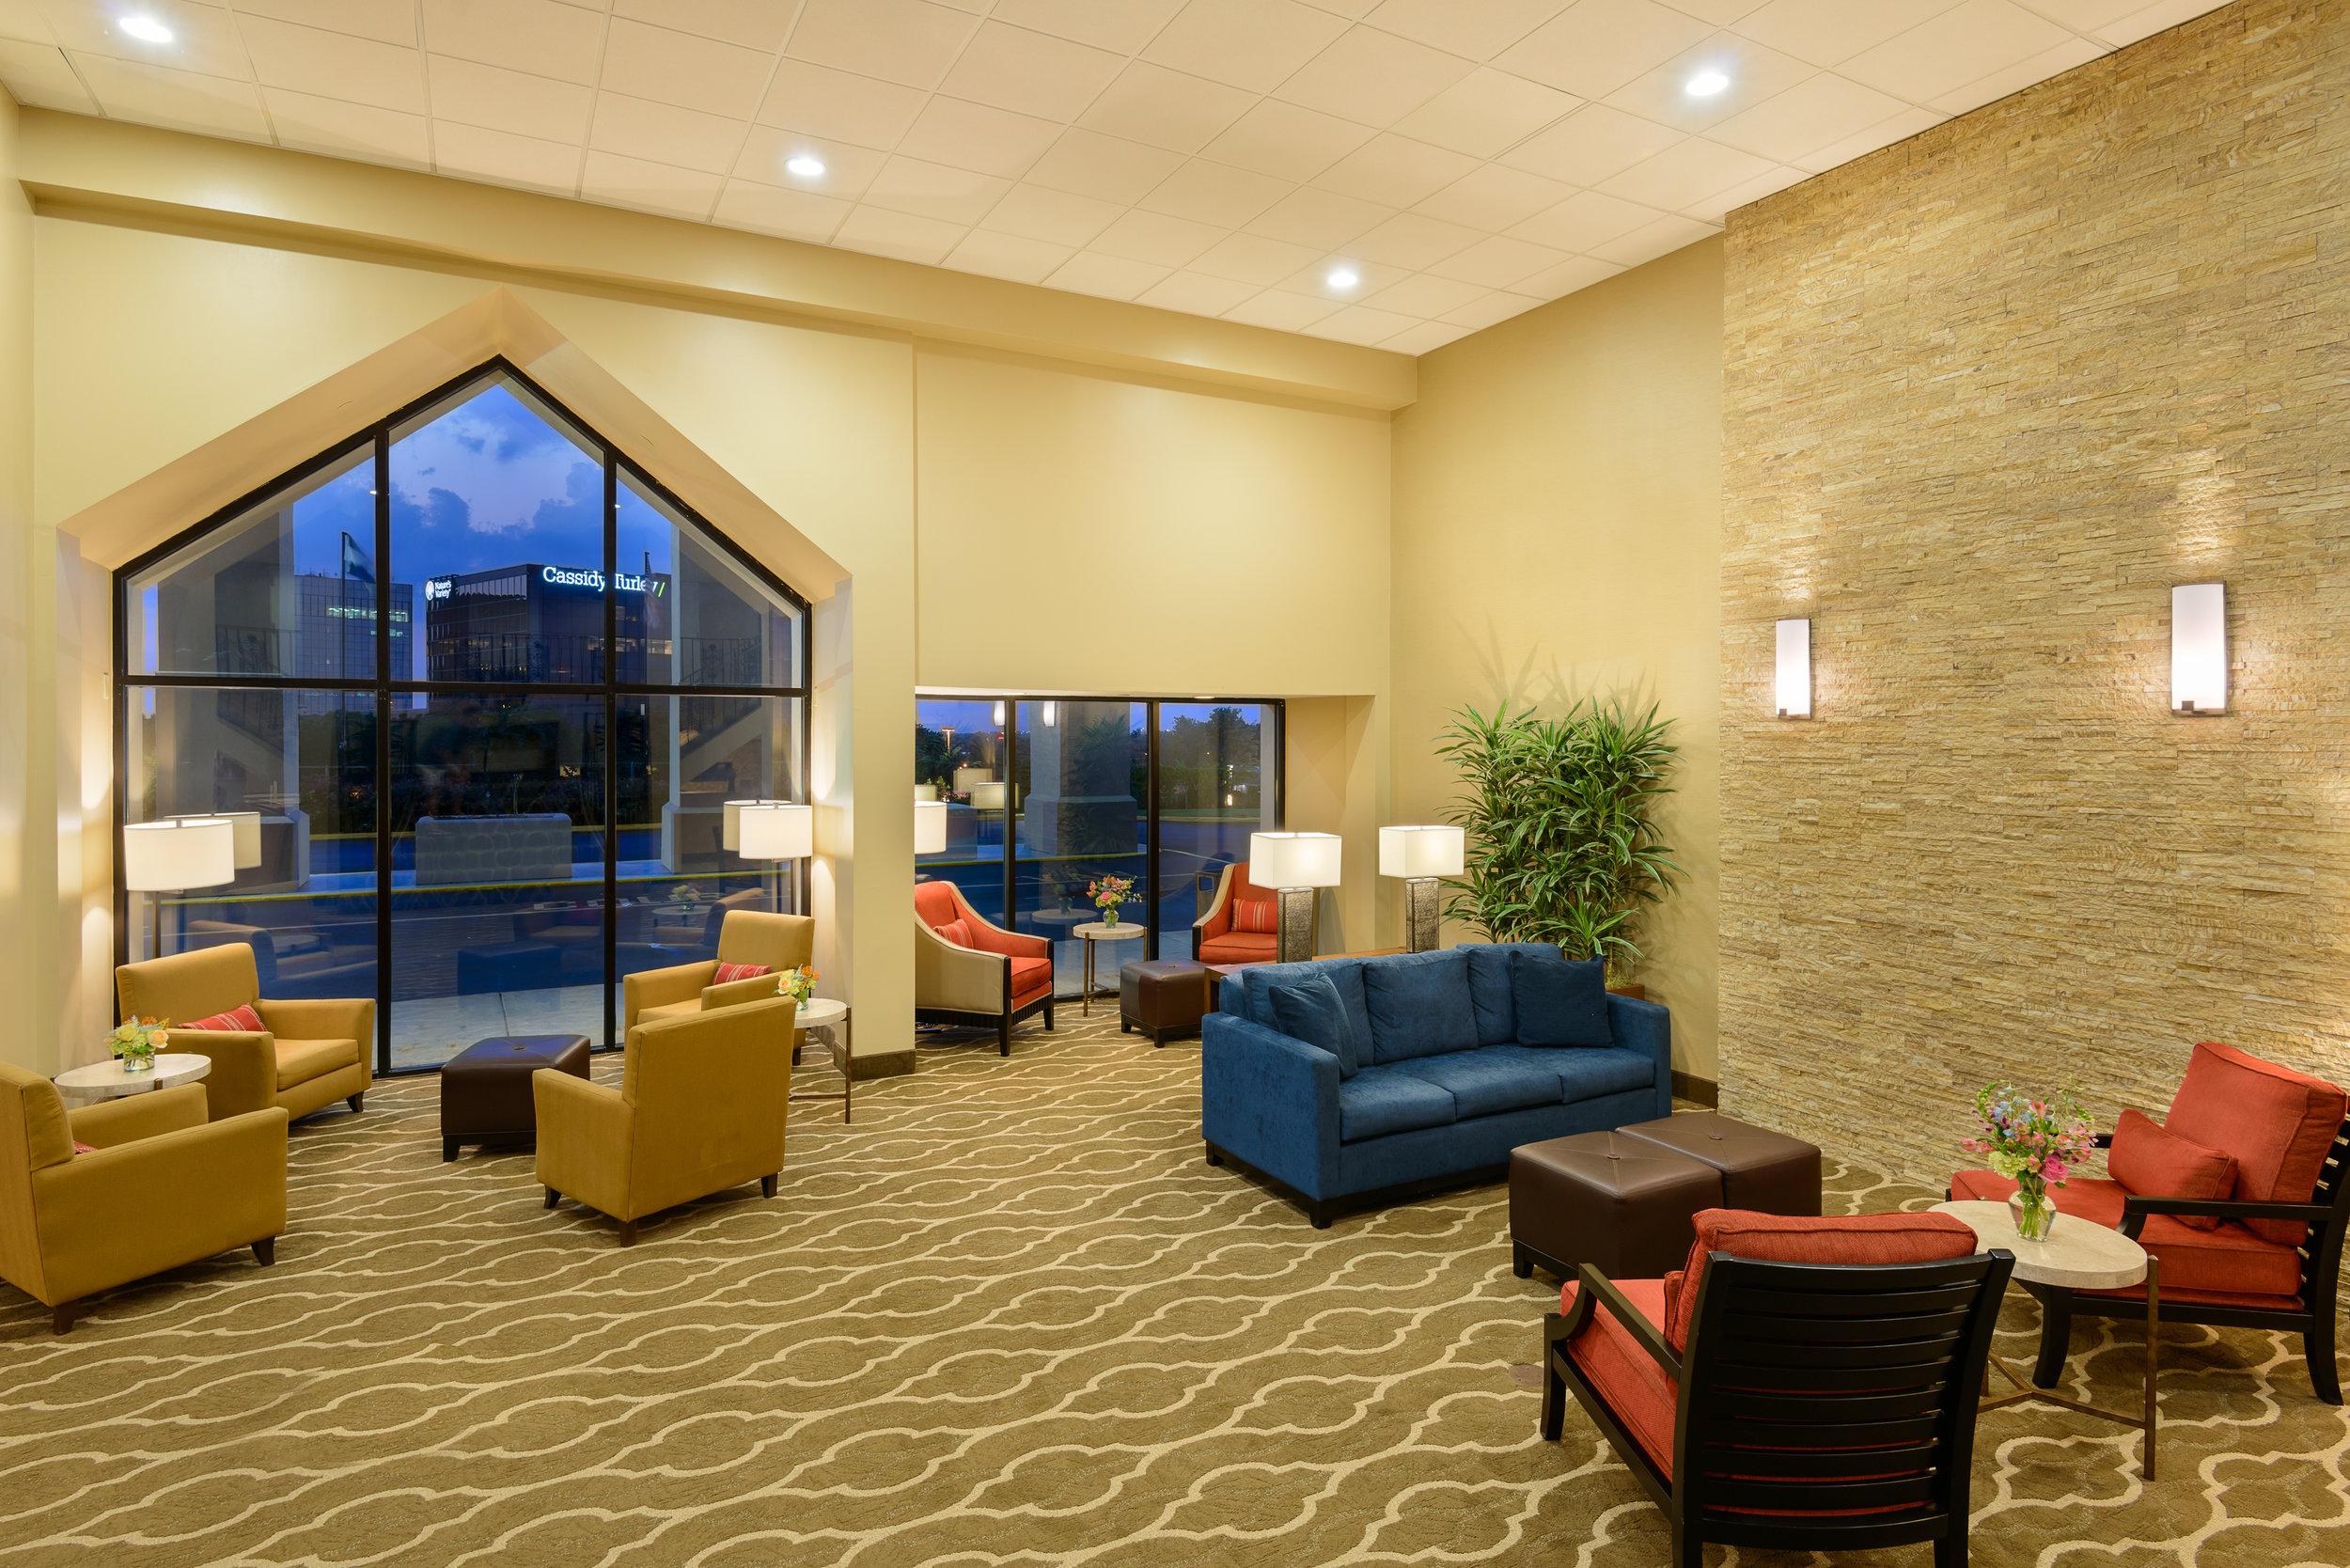 Comfort inn lobby 3.jpg